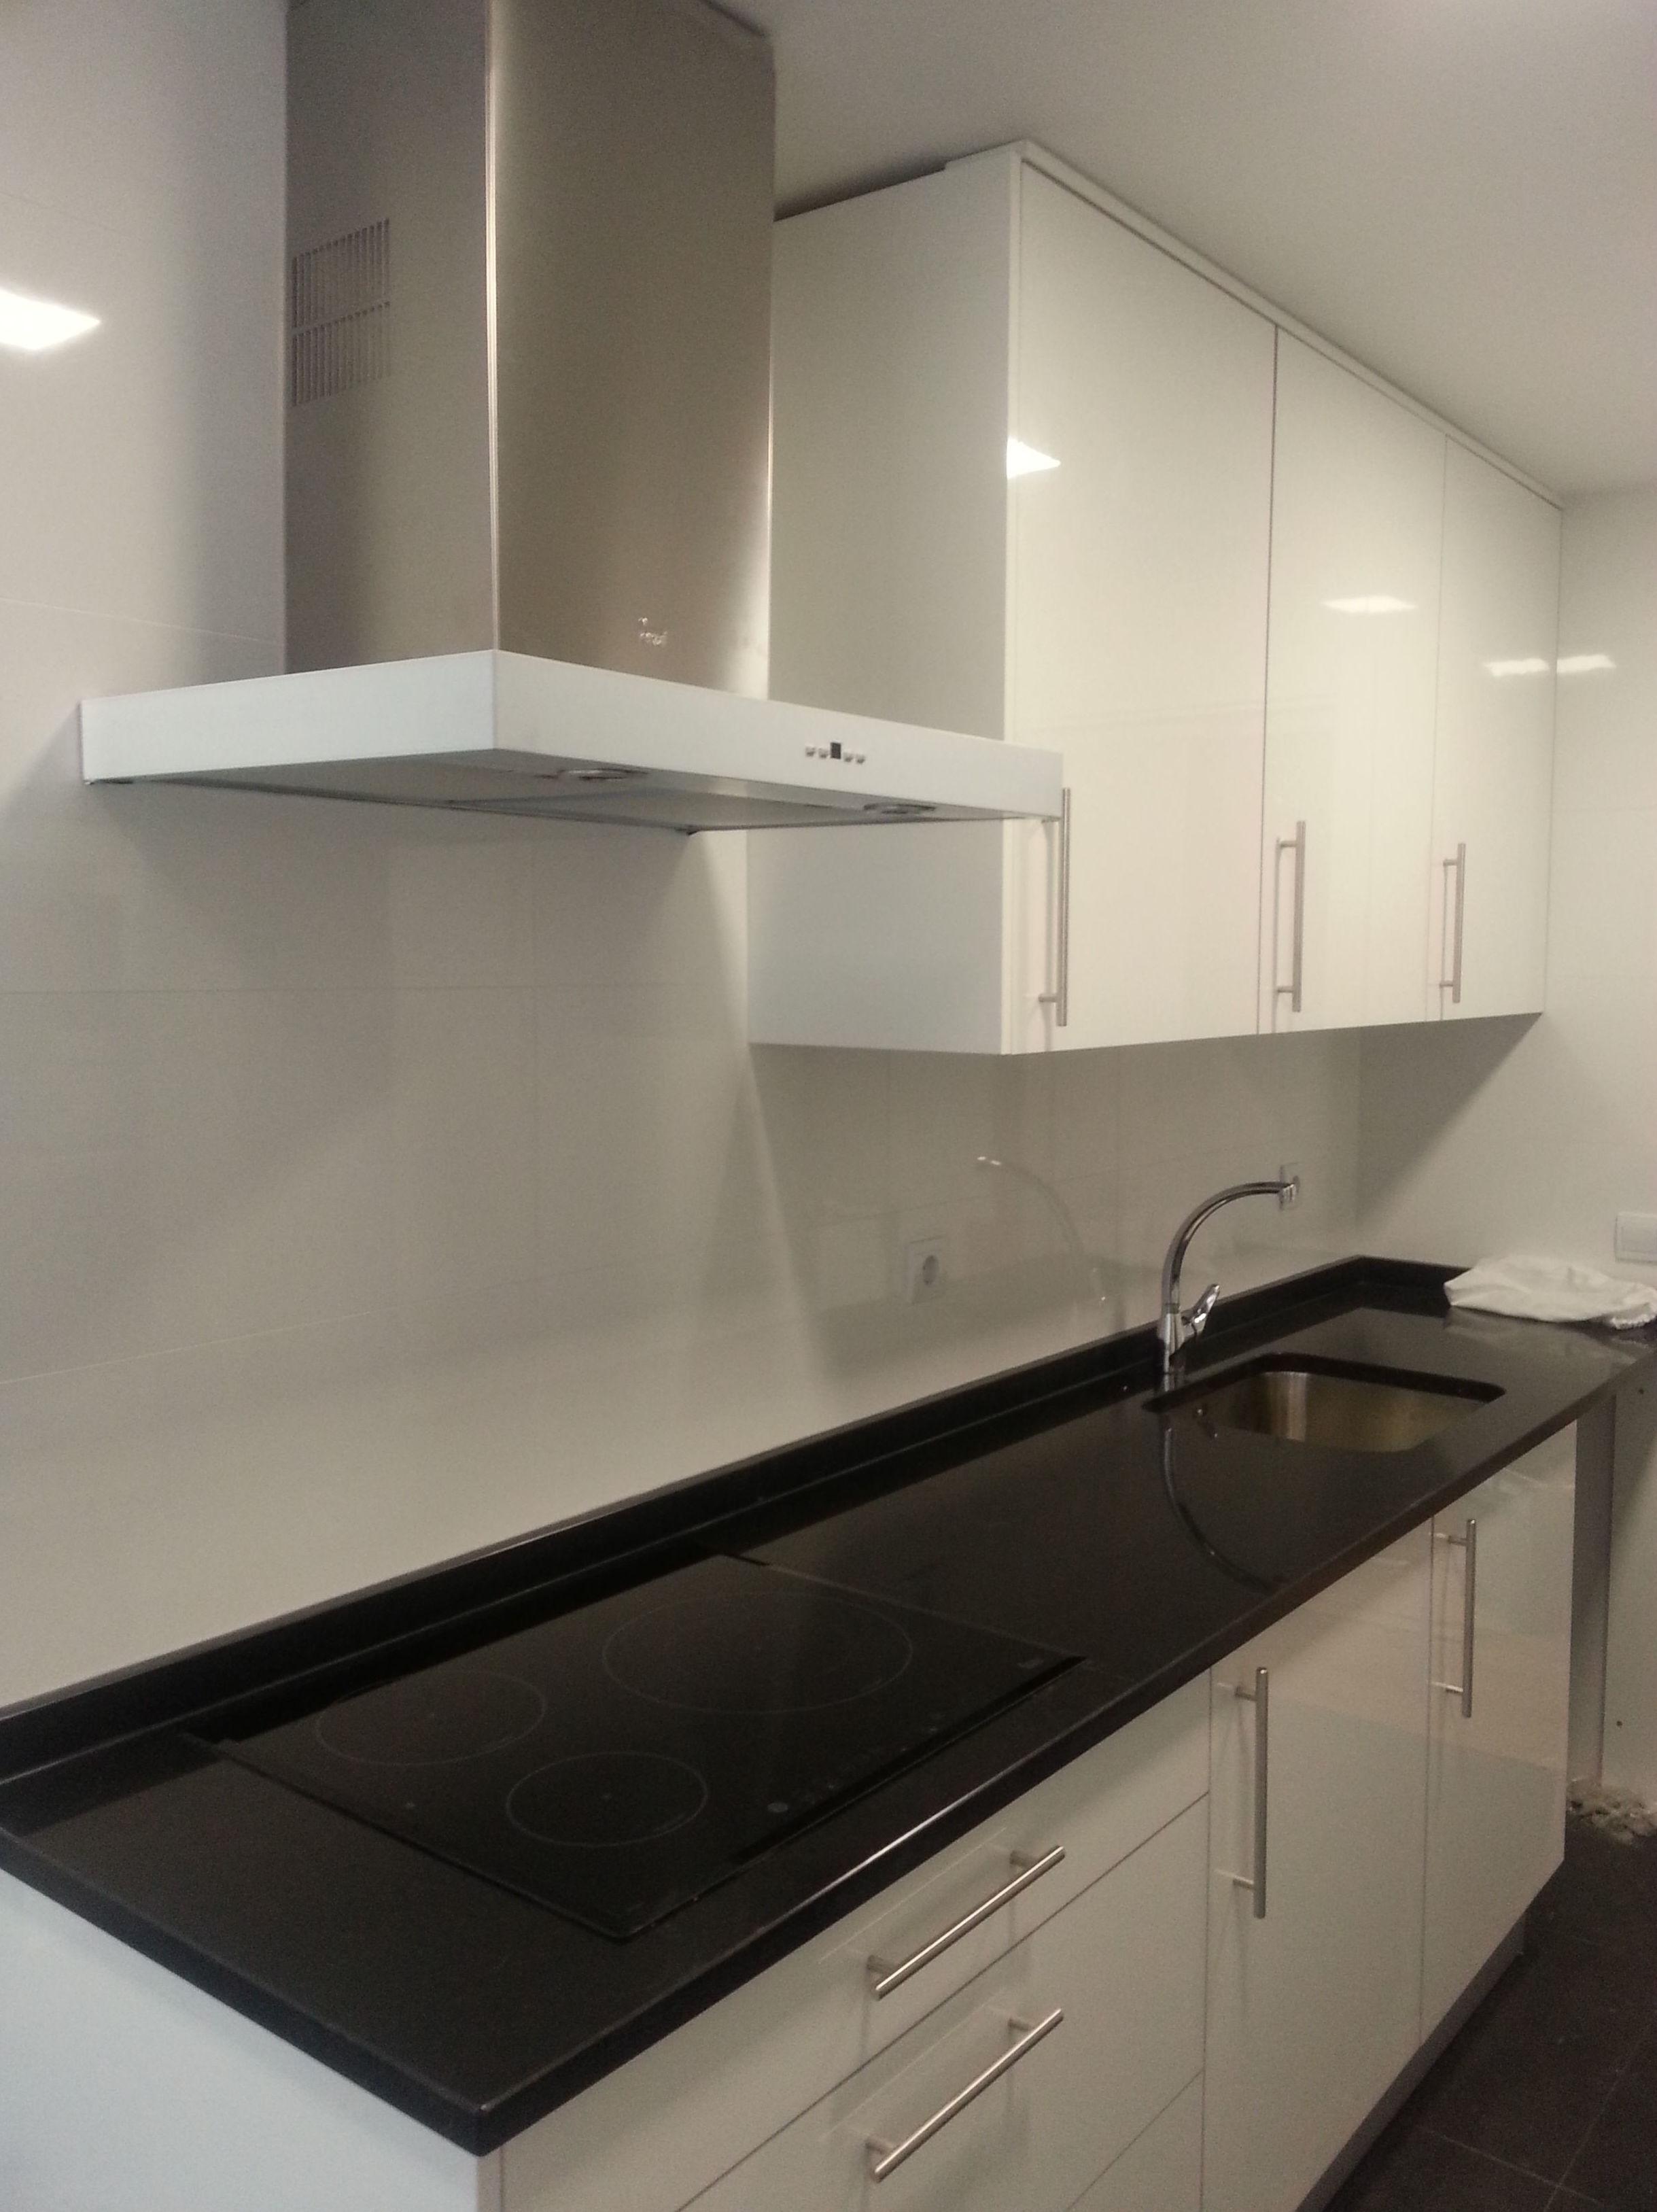 Foto 18 de Muebles de baño y cocina en Madrid | Estudios y Proyectos de Cocina Moderna